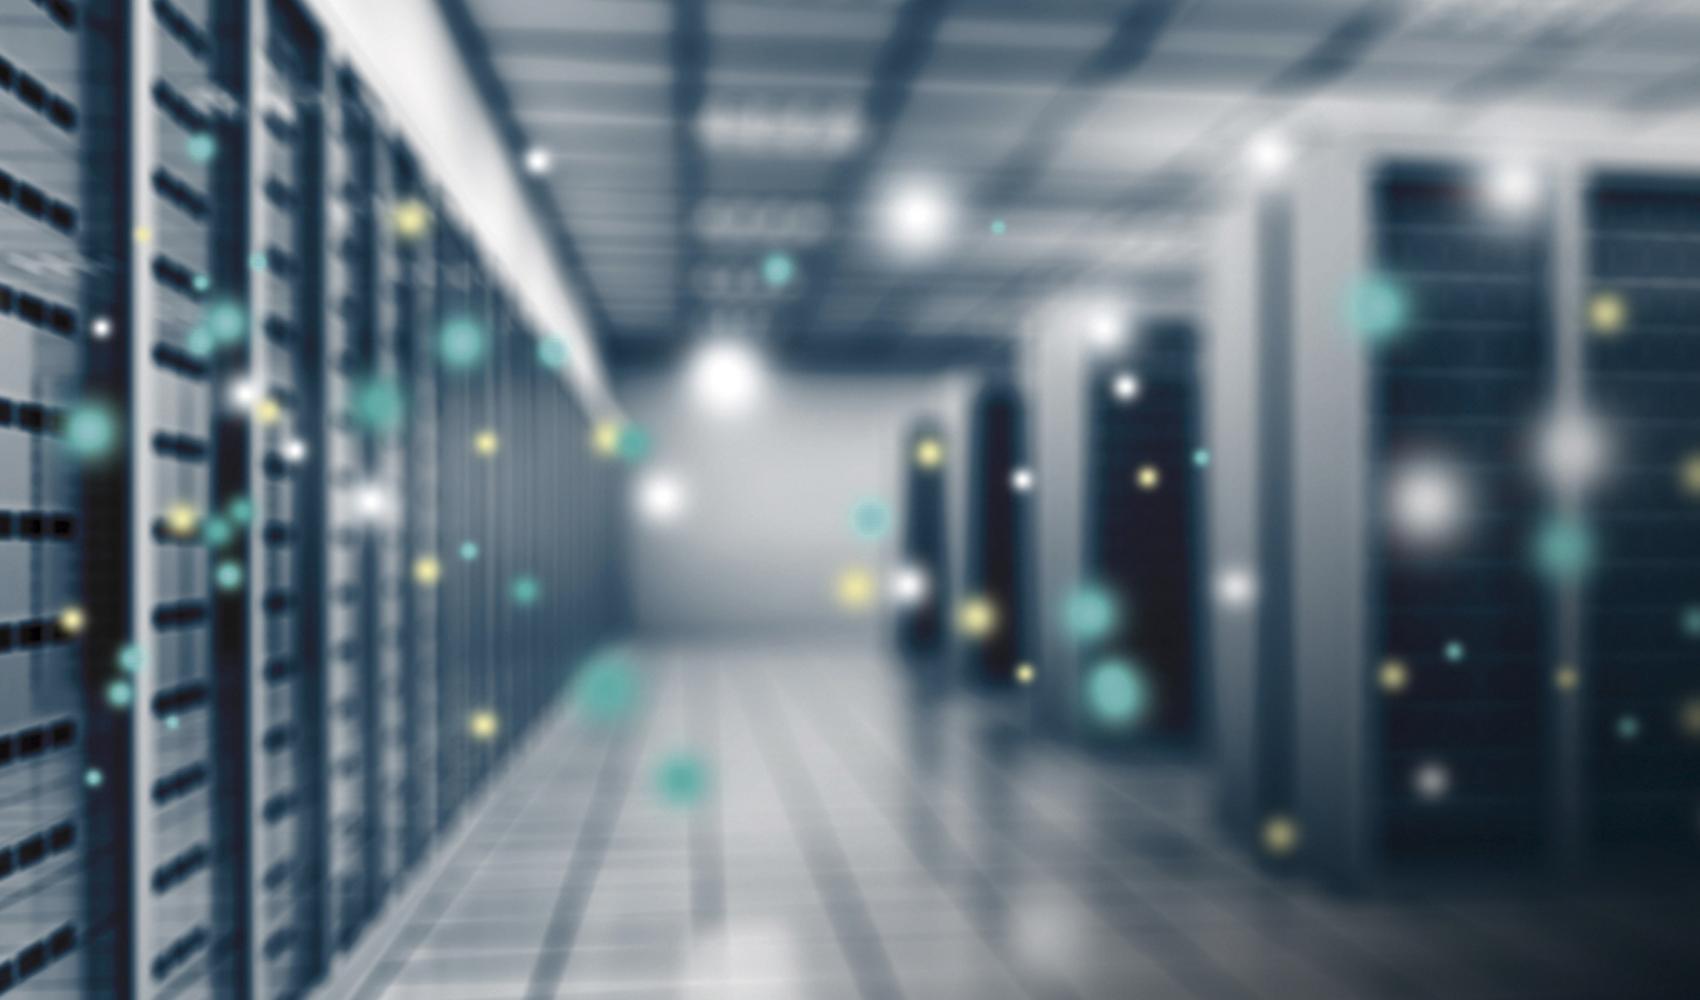 Seguridad en el Centro de Datos: mejorar el control de accesos 52